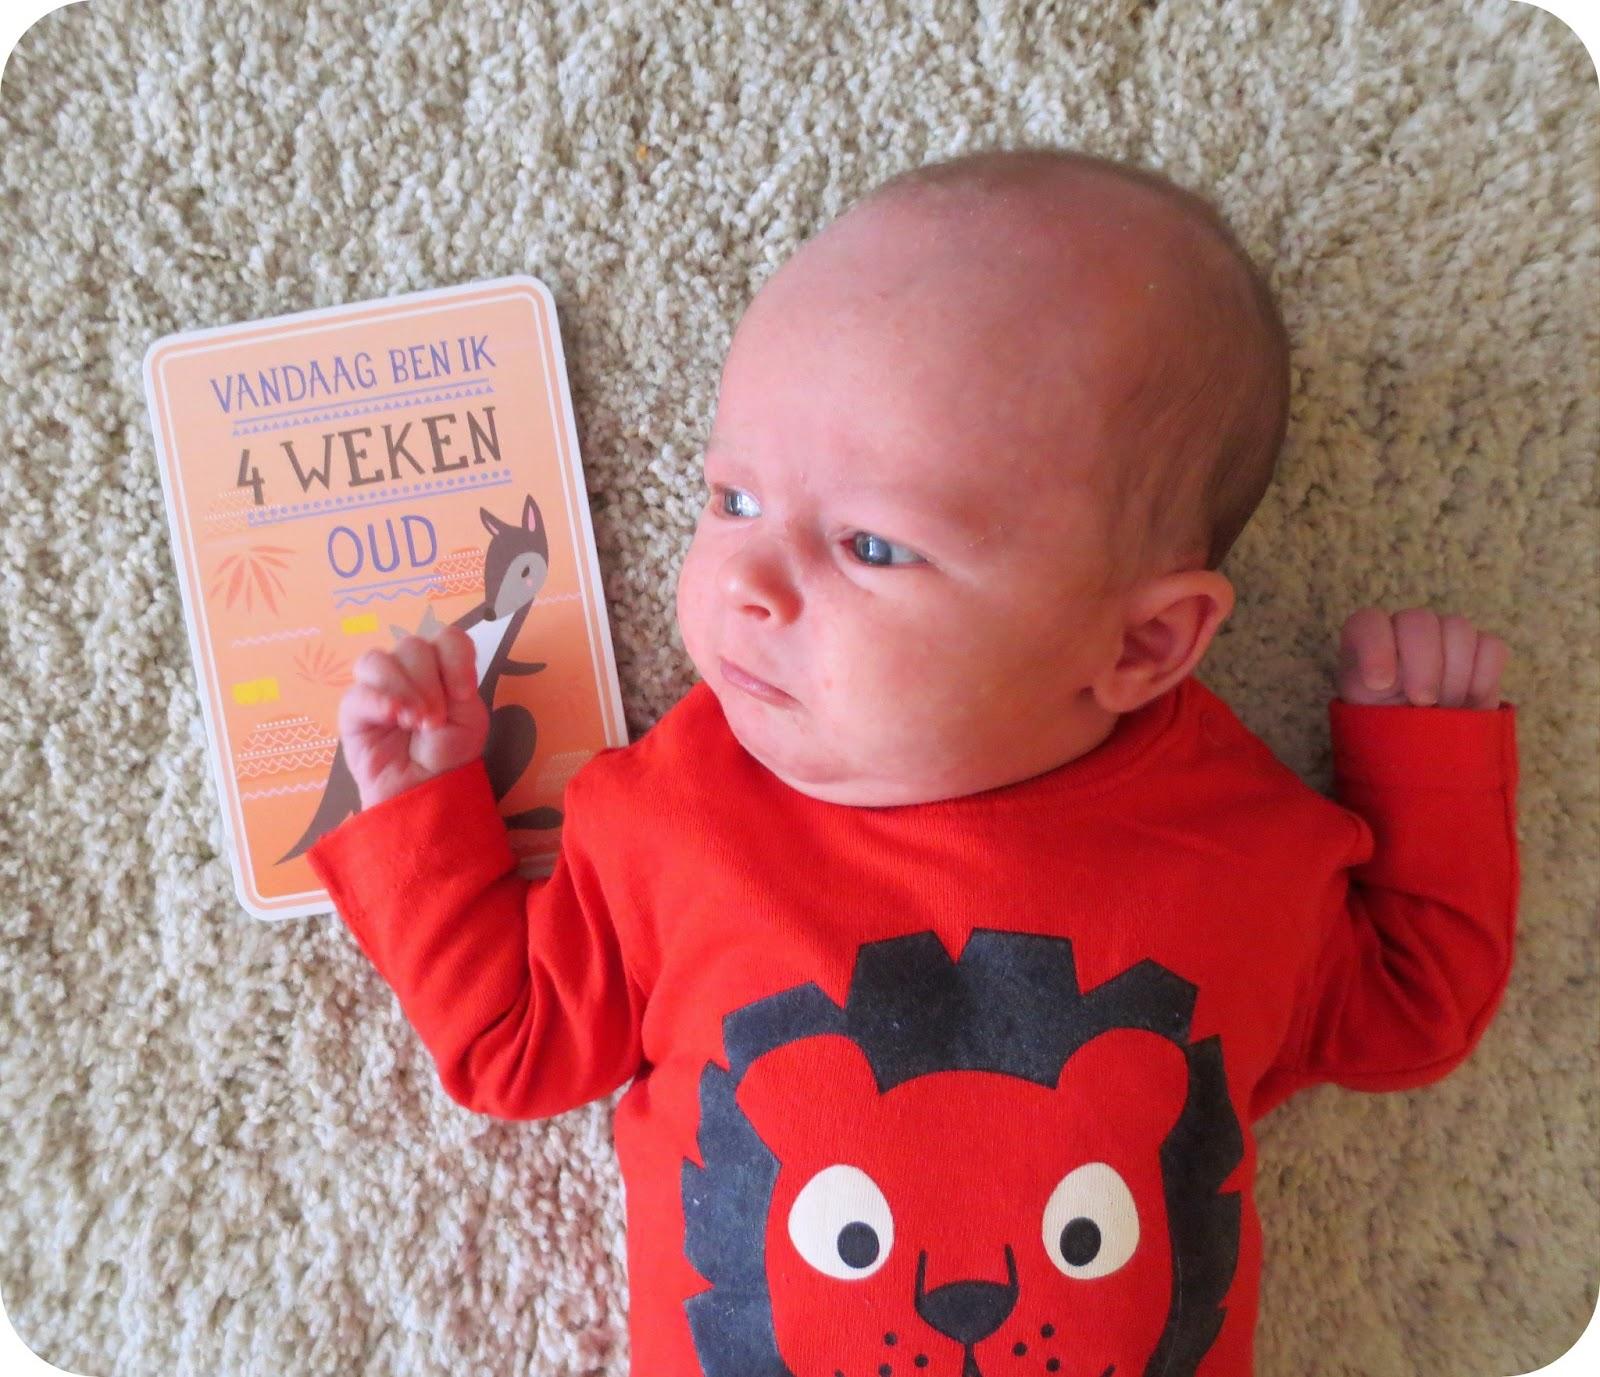 Tiene milestone baby card 4 weken - Kind oud ...